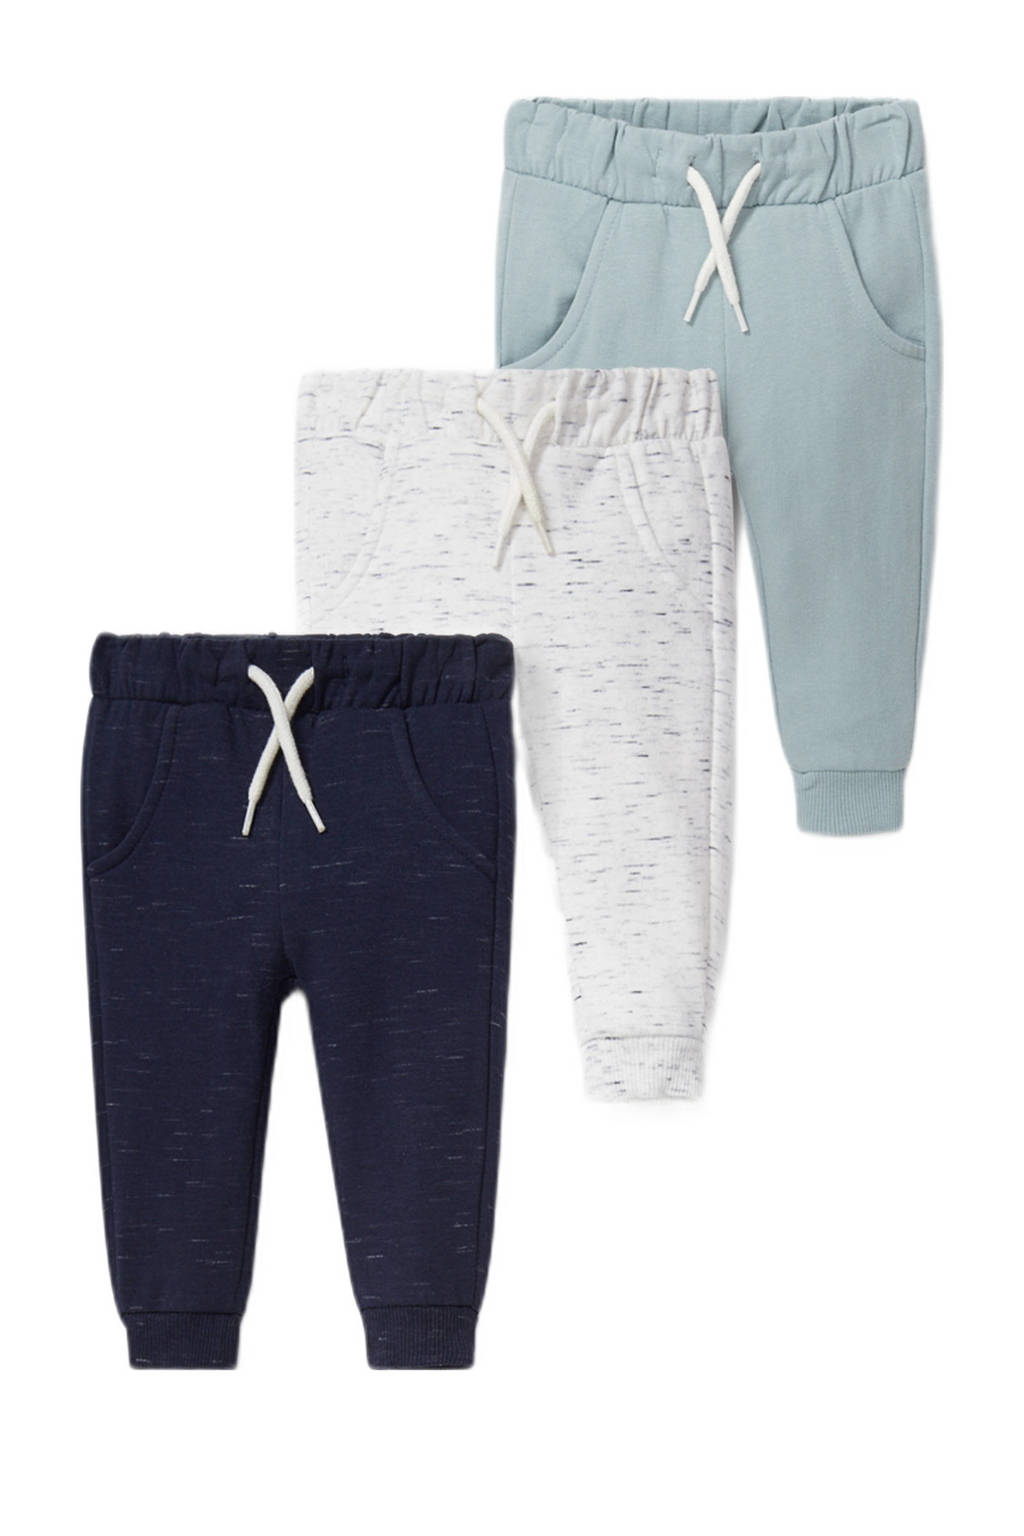 C&A Baby Club joggingbroek - set van 3 donkerblauw/mintgroen/wit, Donkerblauw/wit/mintgroen